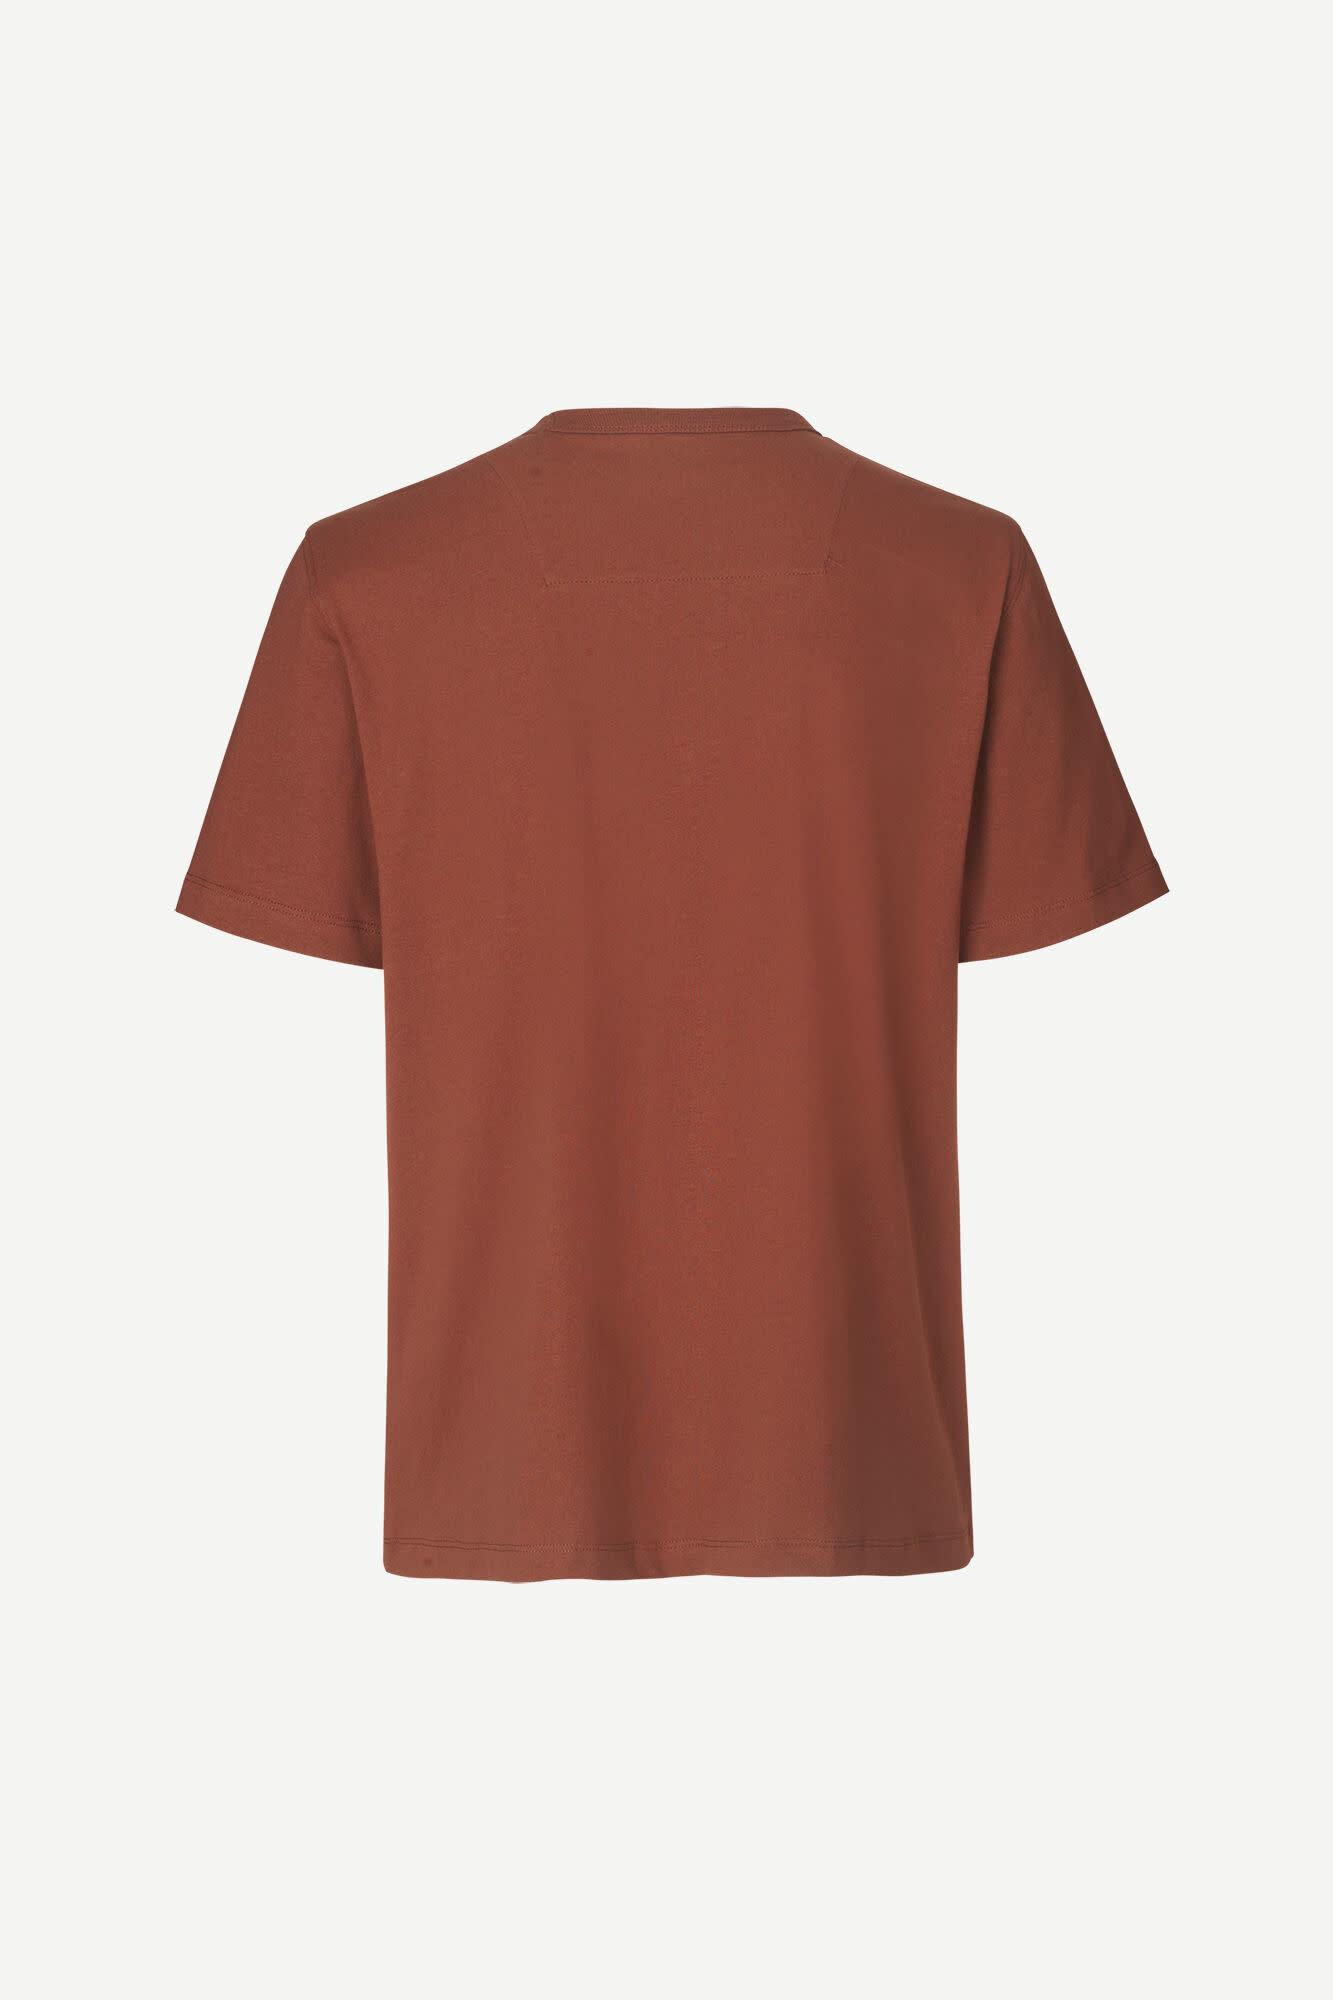 Hugo T-Shirt Cinnamon Brown 11415-2